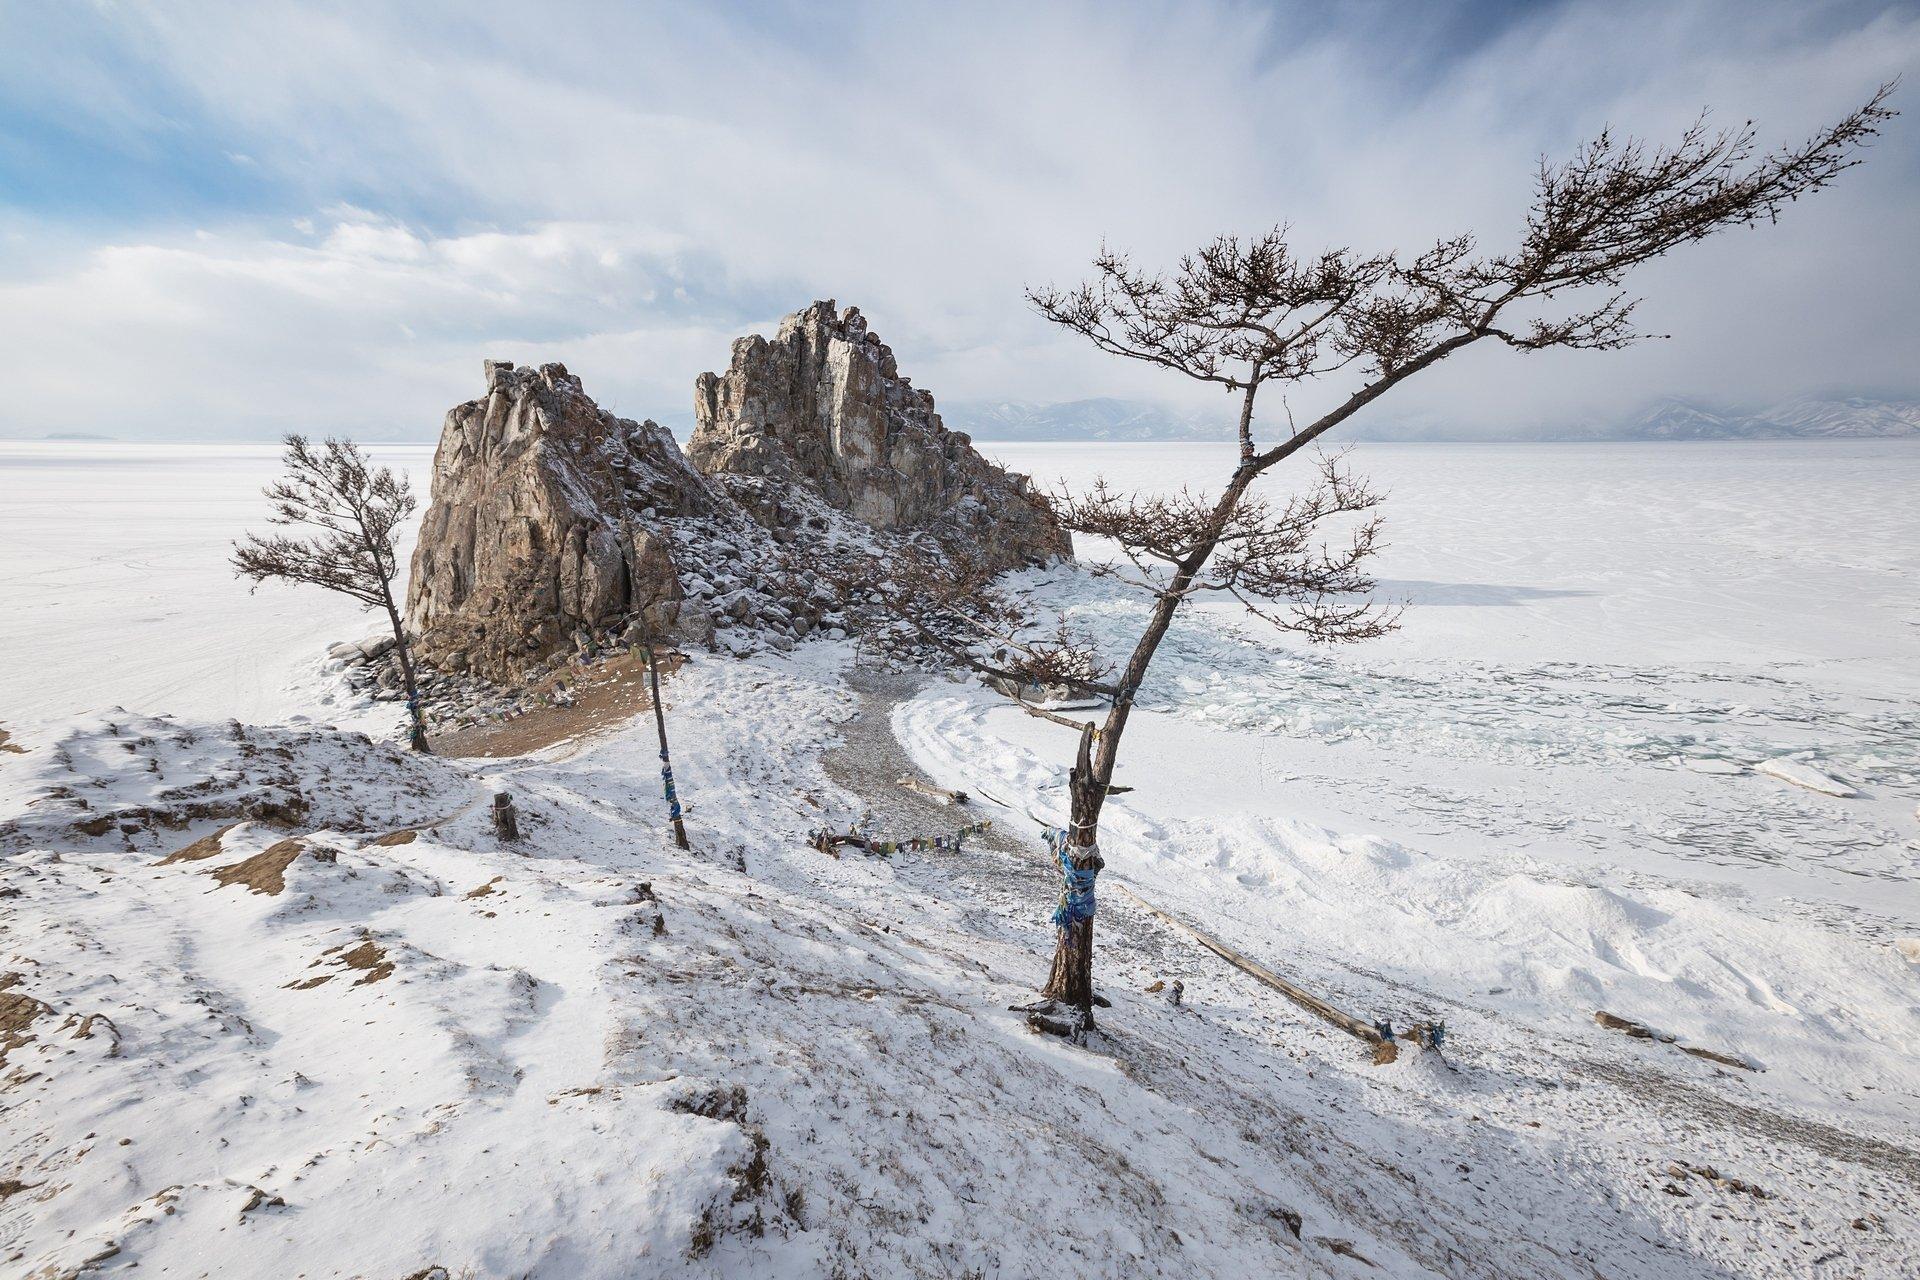 Бурхан, Шаманка, лед,Байкал, Малое Море, Виктор Зайцев